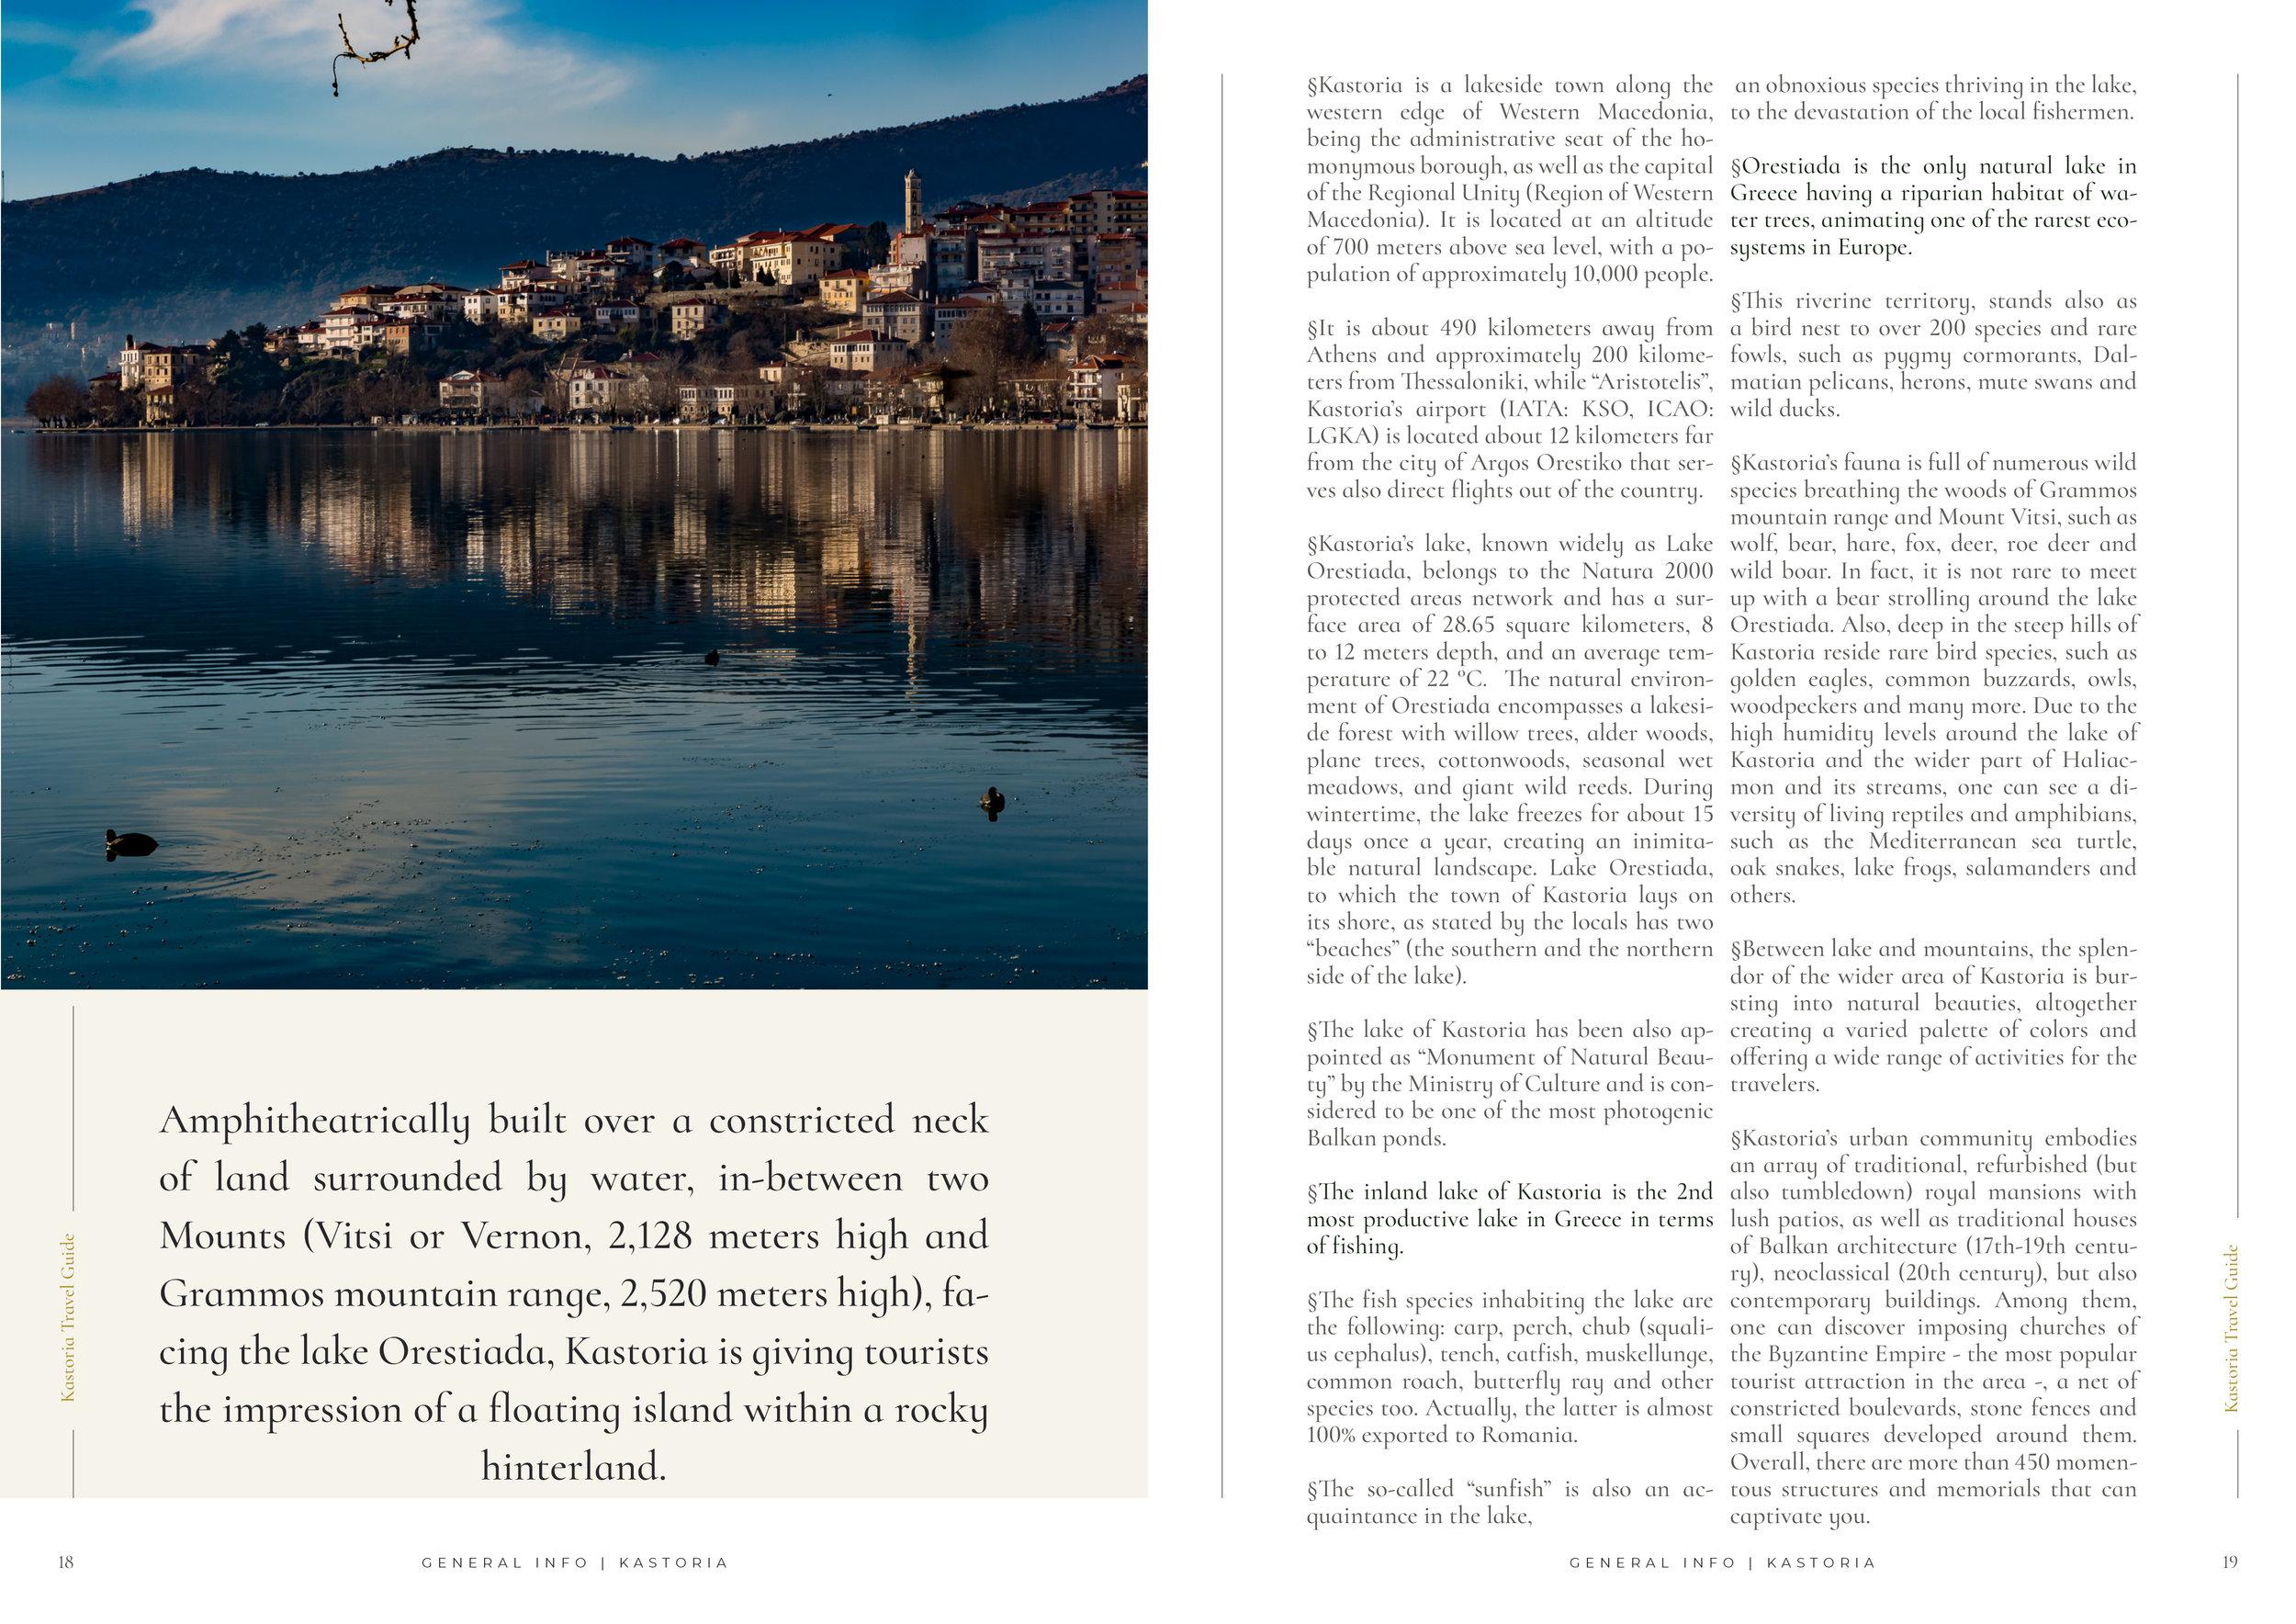 Kastoria guide10.jpg